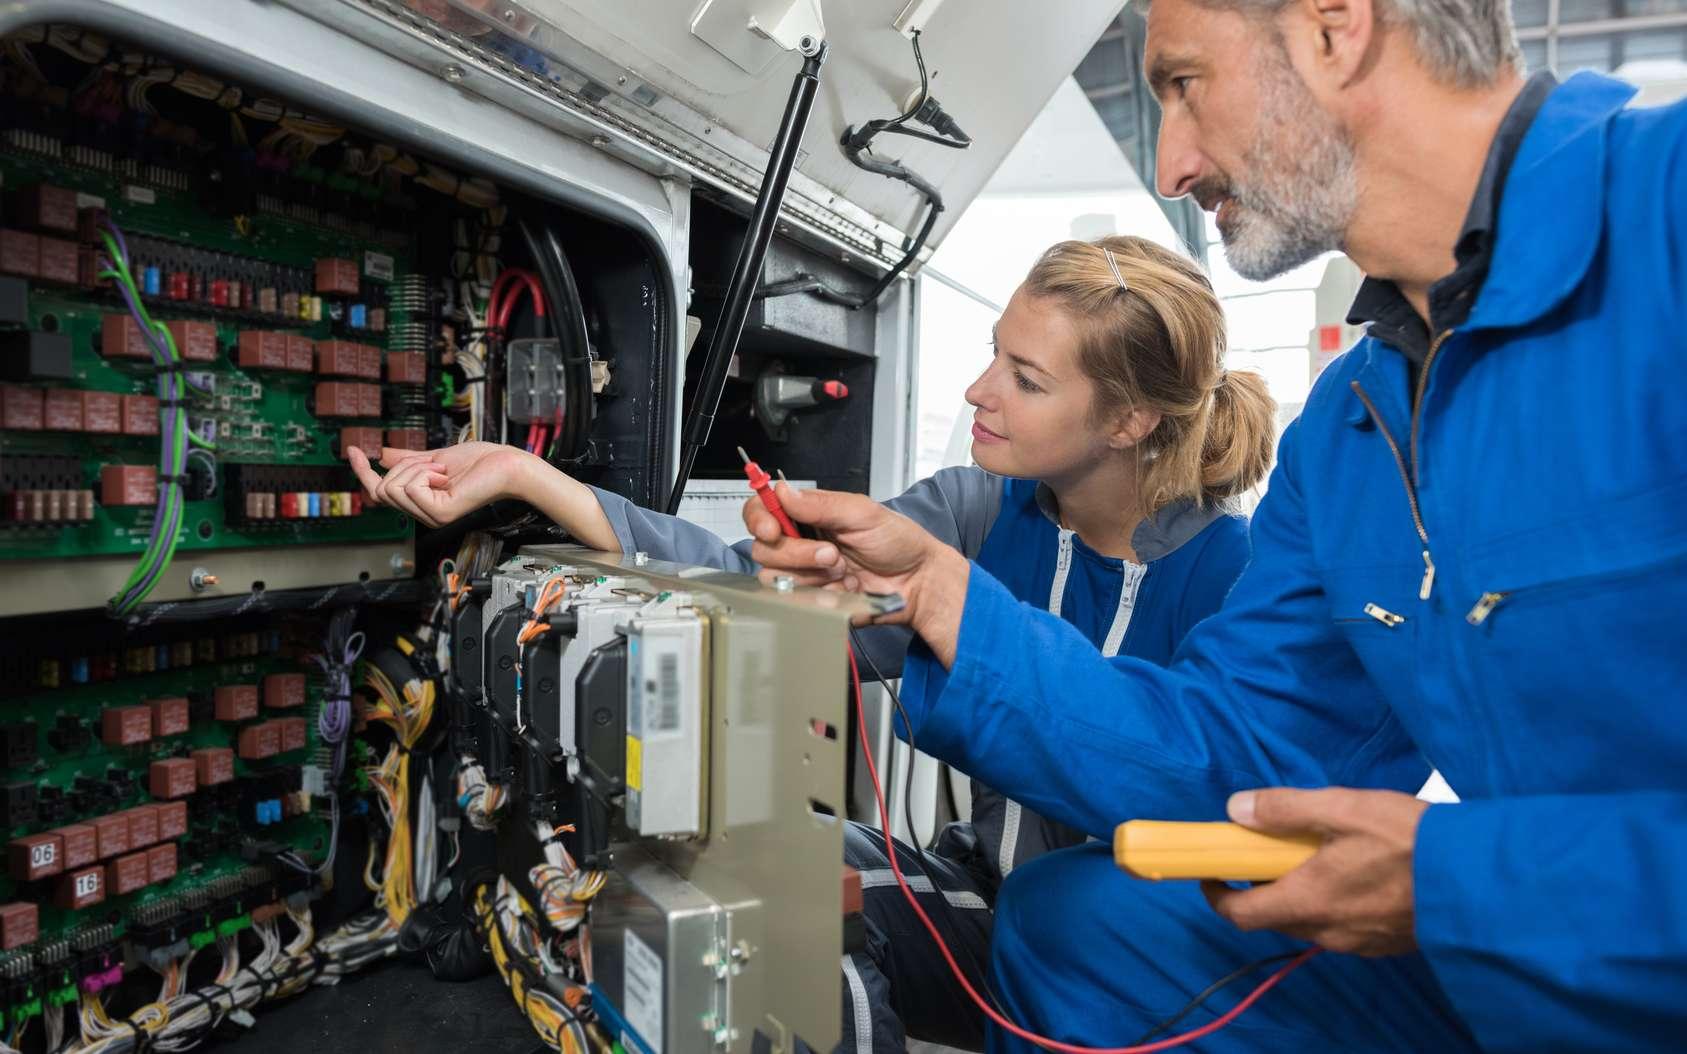 Exerçant dans un secteur en quête d'innovations technologiques, l'électronicien est un expert de la conception et de la fabrication de composants électroniques. © Leonid Eremeychuk, Fotolia.